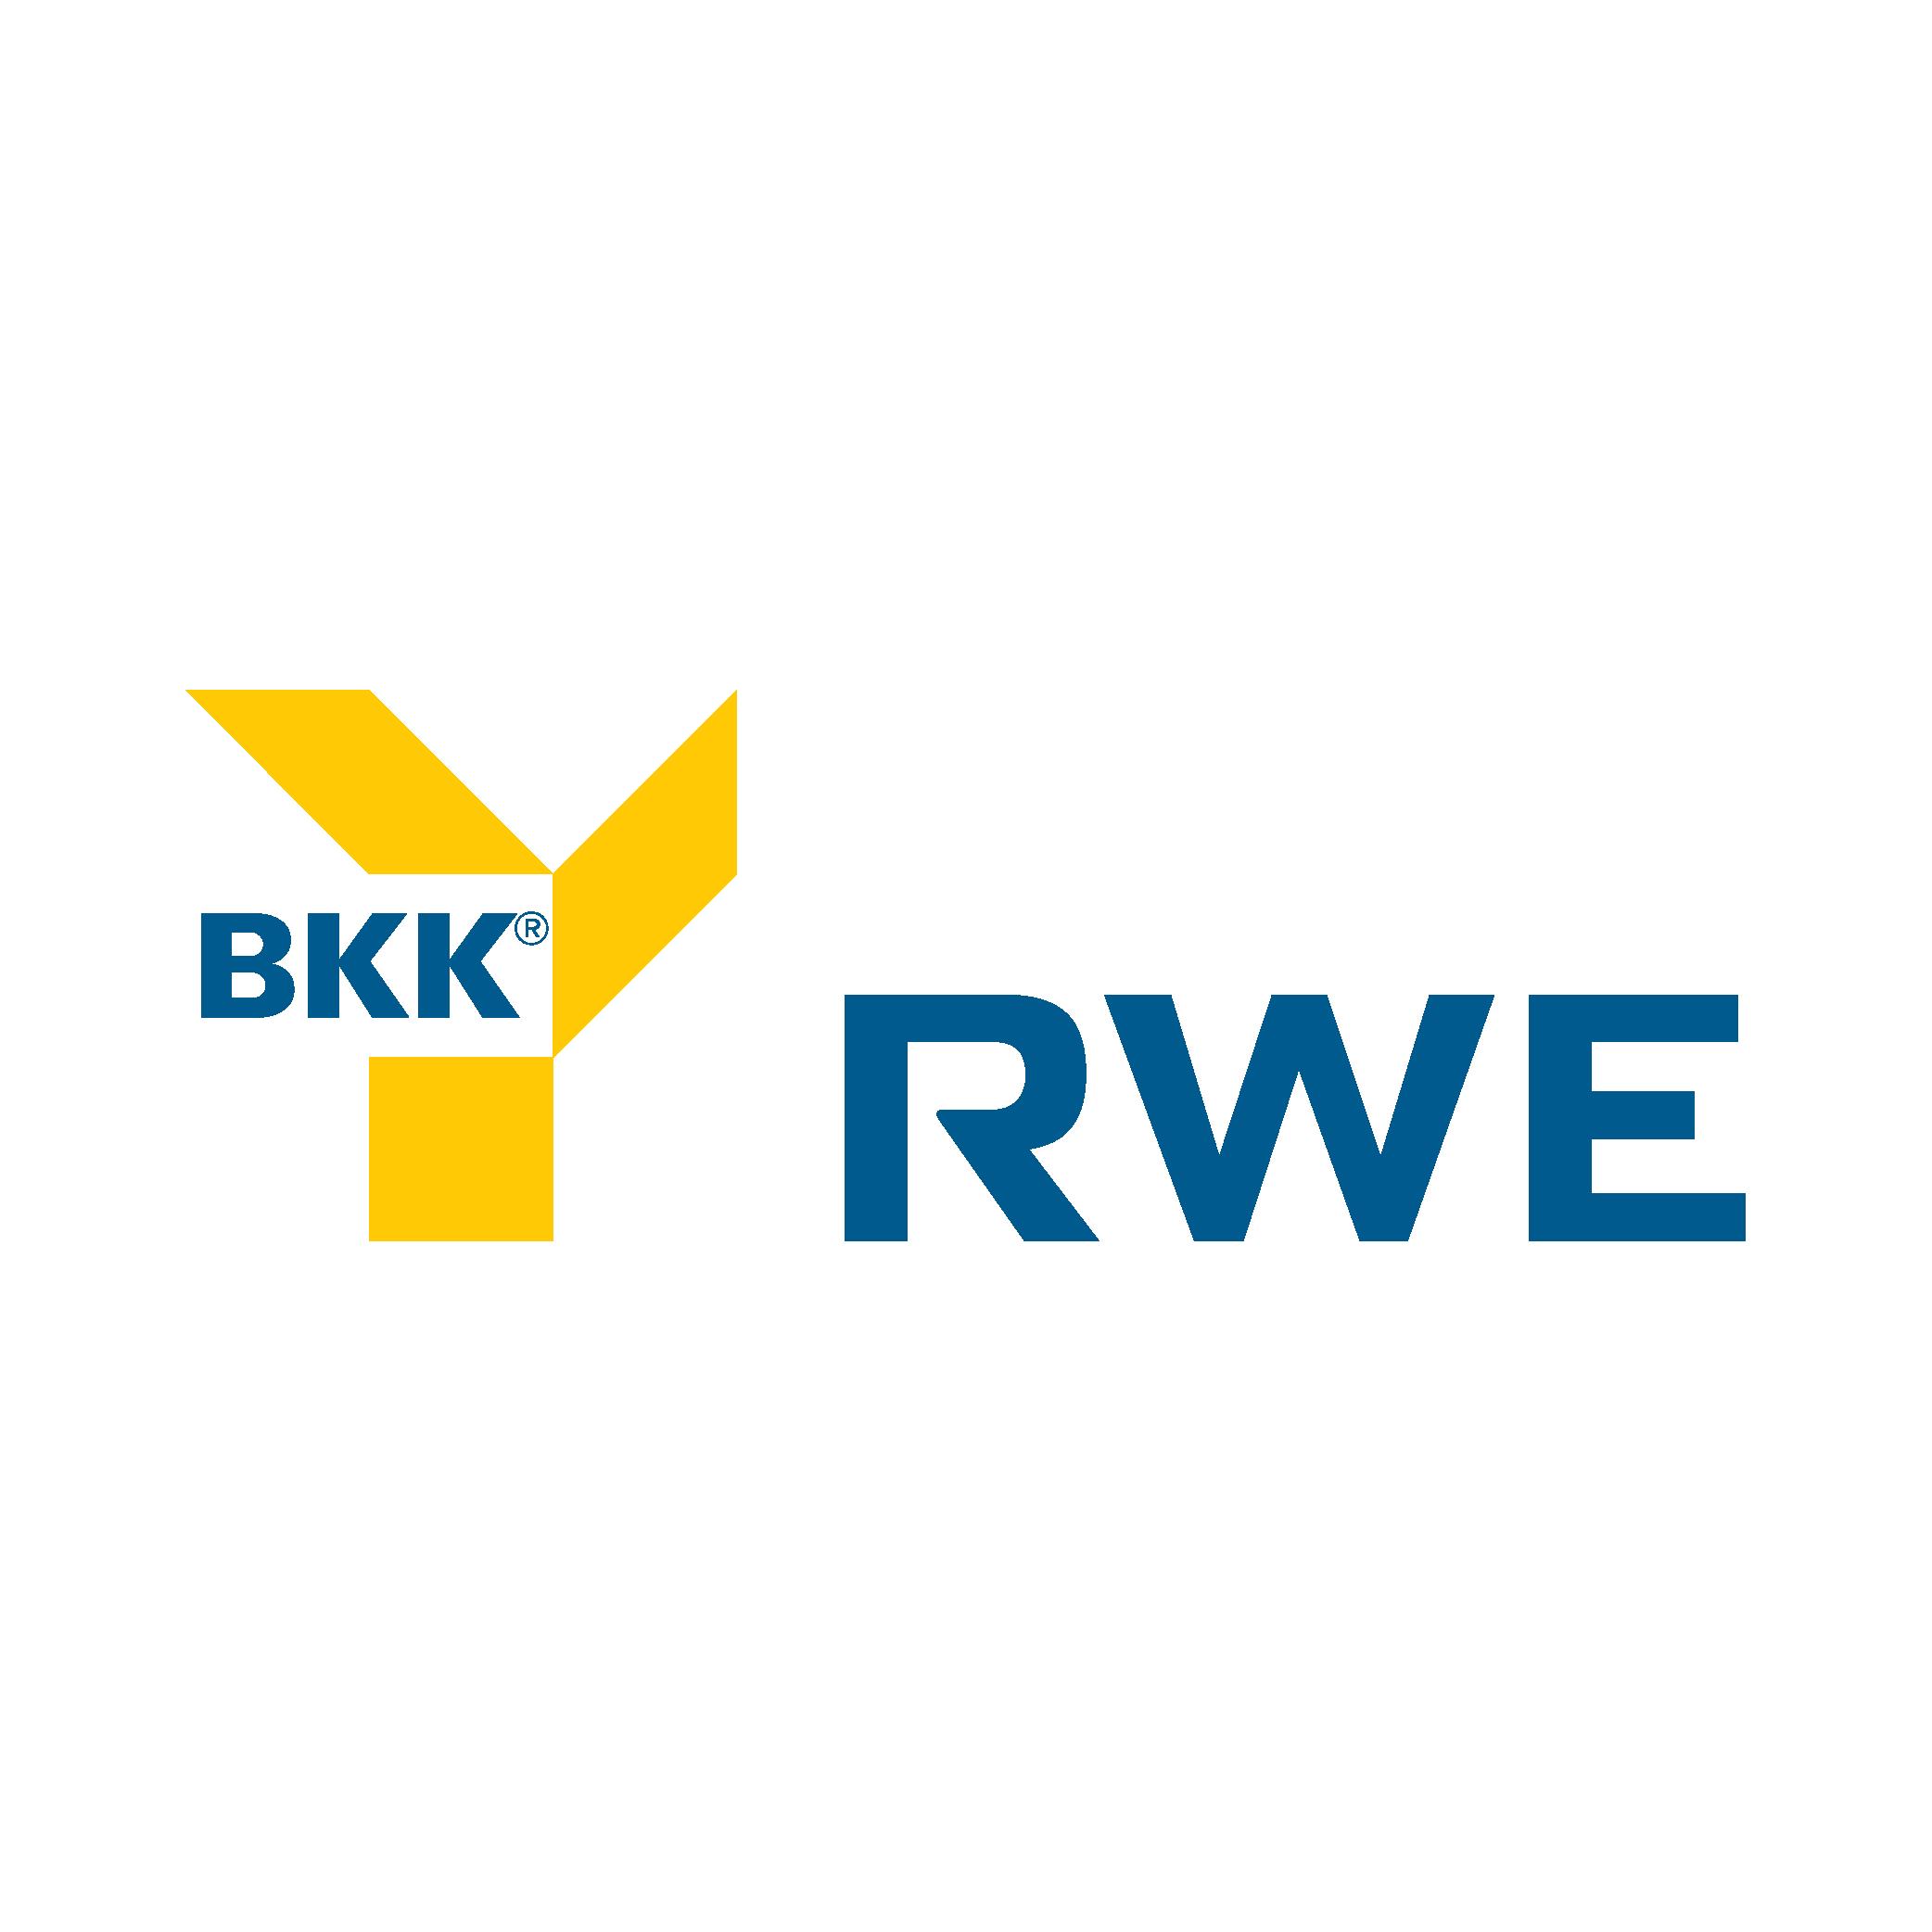 Markenzeichen der BKK RWE